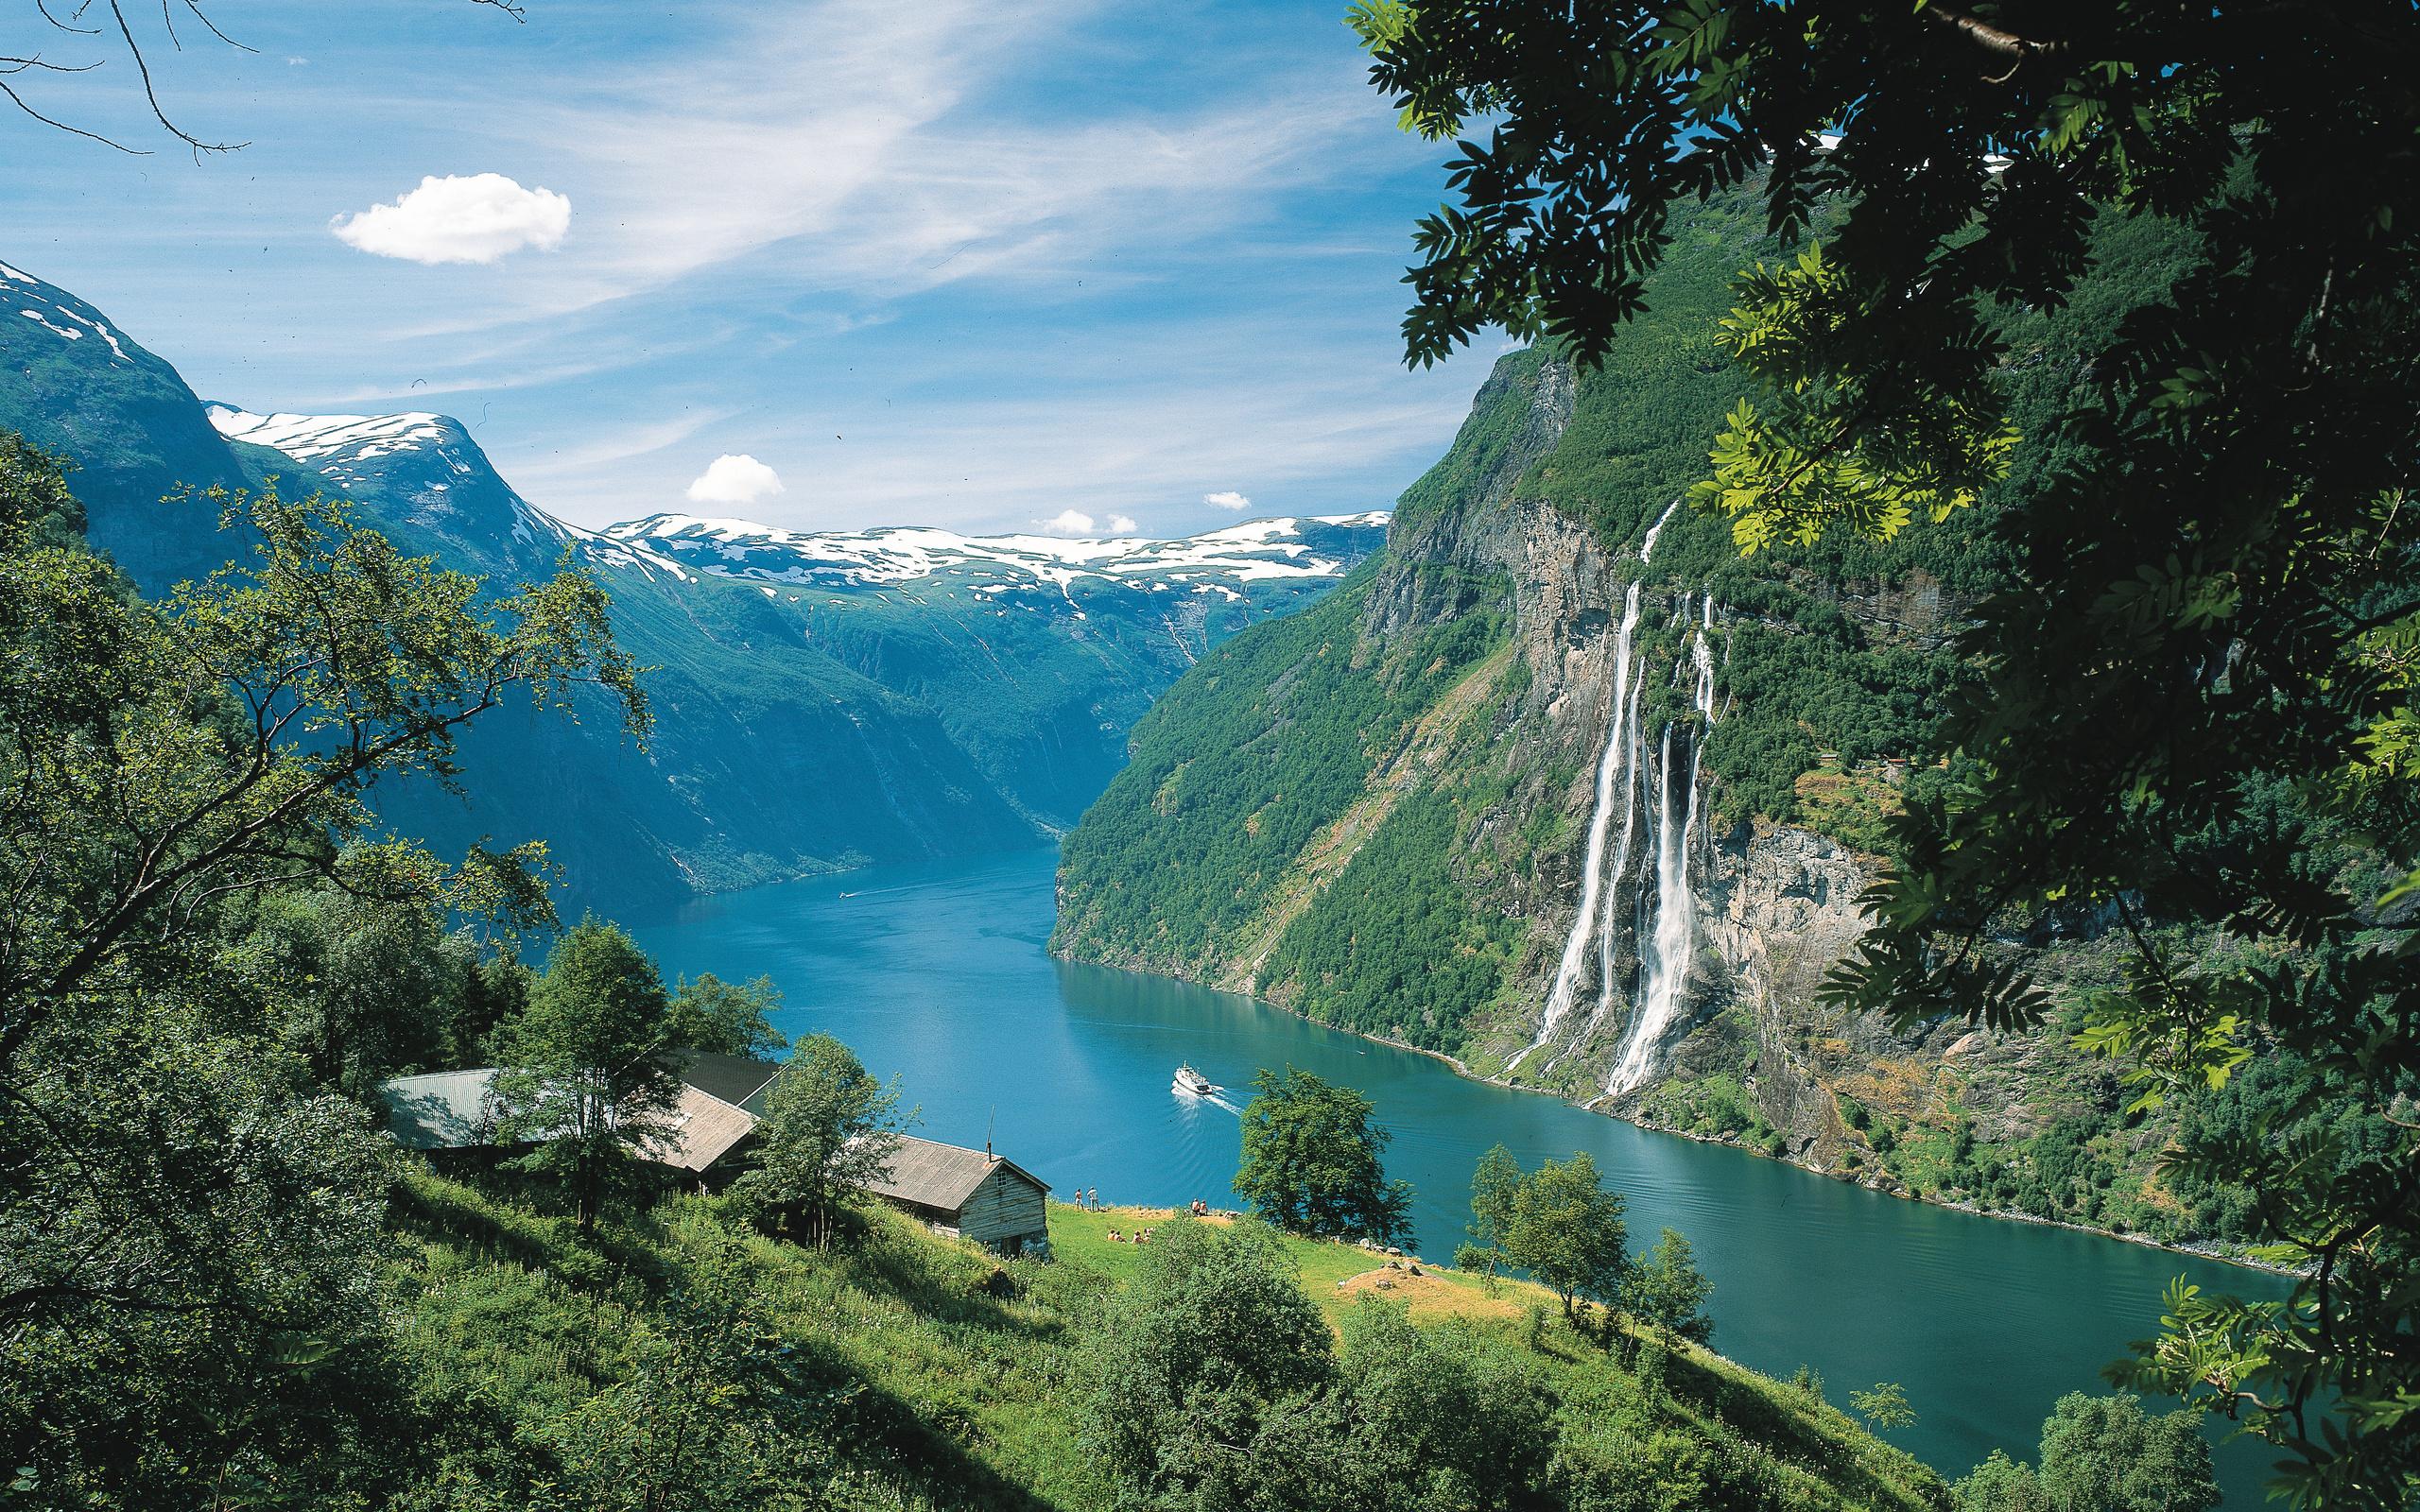 Картинки норвегия фьорды, пасхой поздравление послать